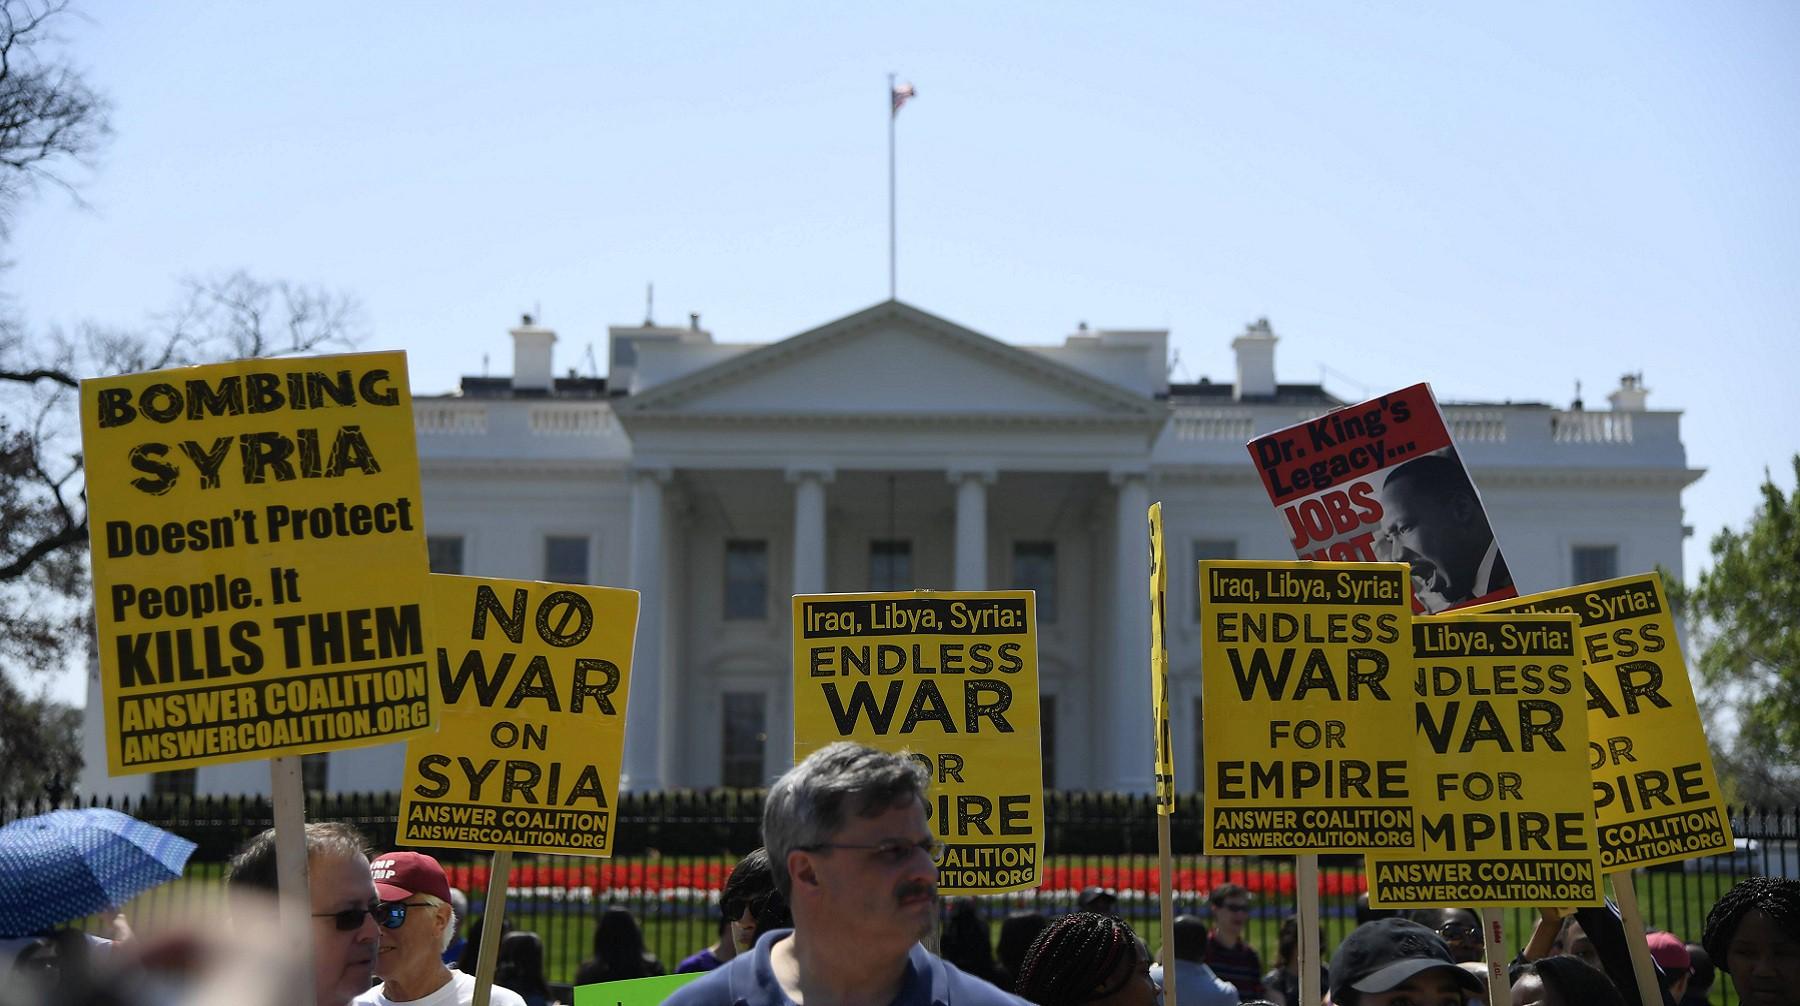 США готовят расширенный санкционный пакет для Российской Федерации  — Сирийские последствия